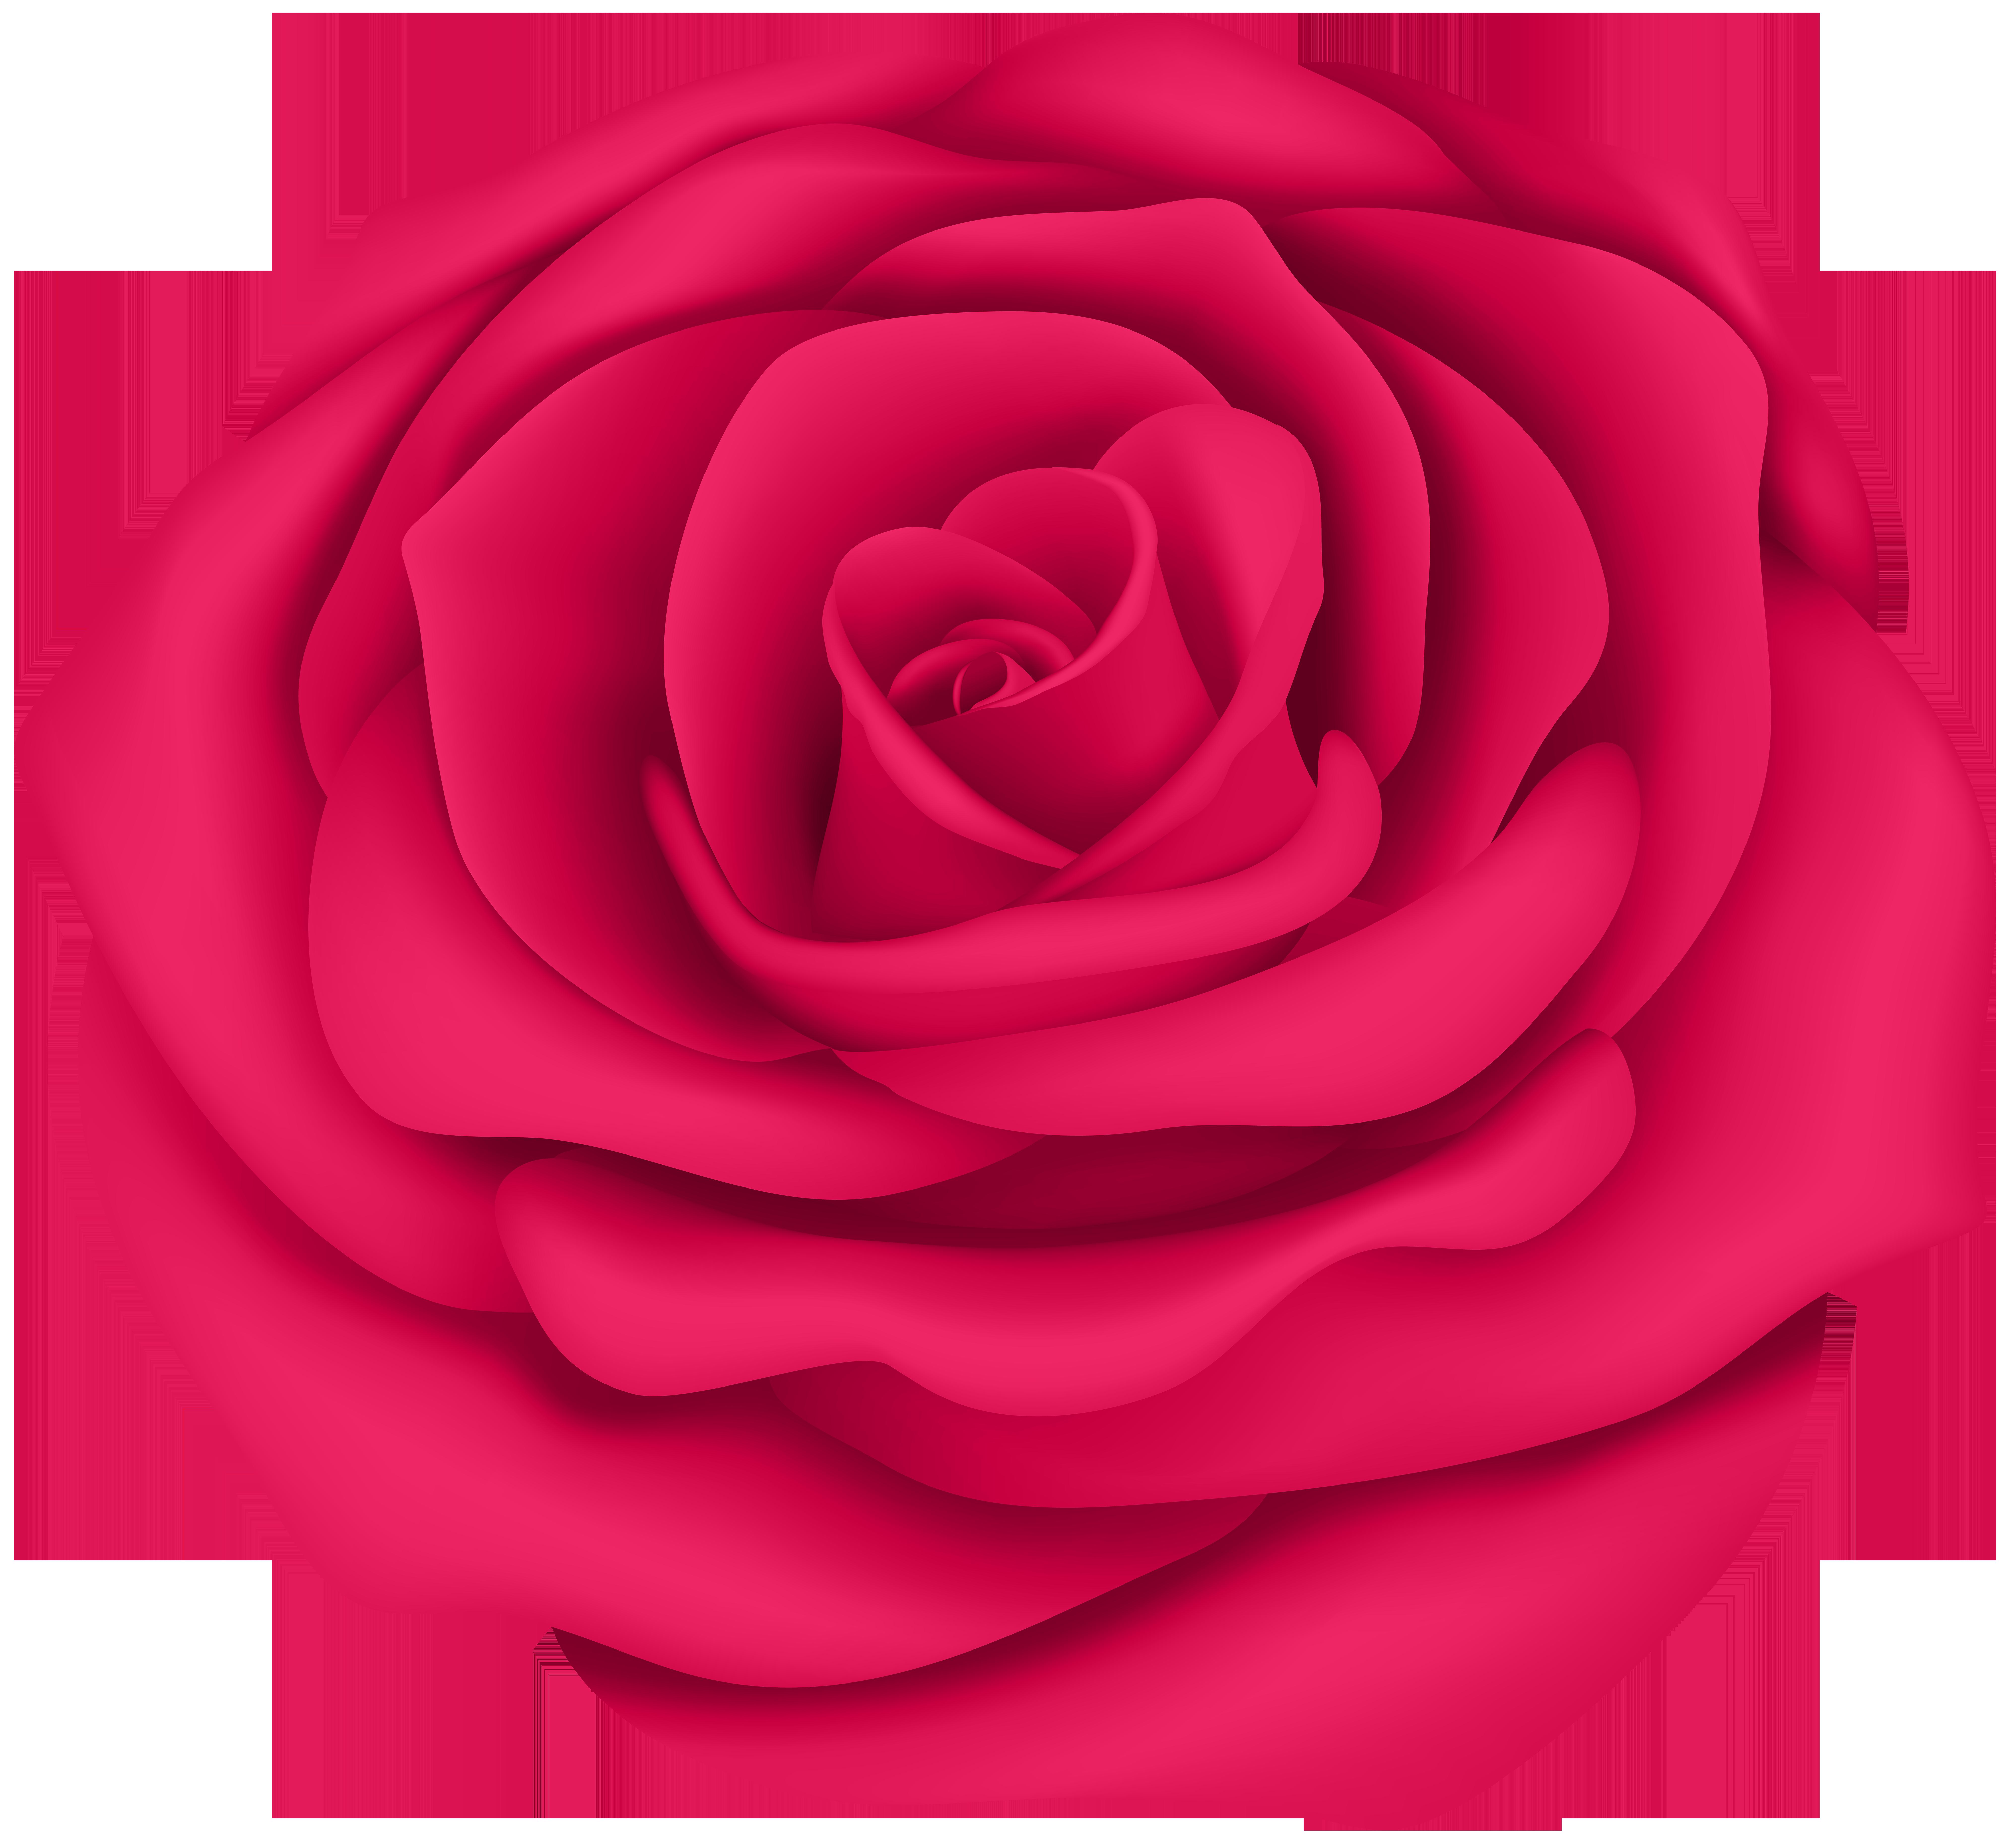 8000x7336 Pink Rose Flower Transparent Clip Art Imageu200b Gallery